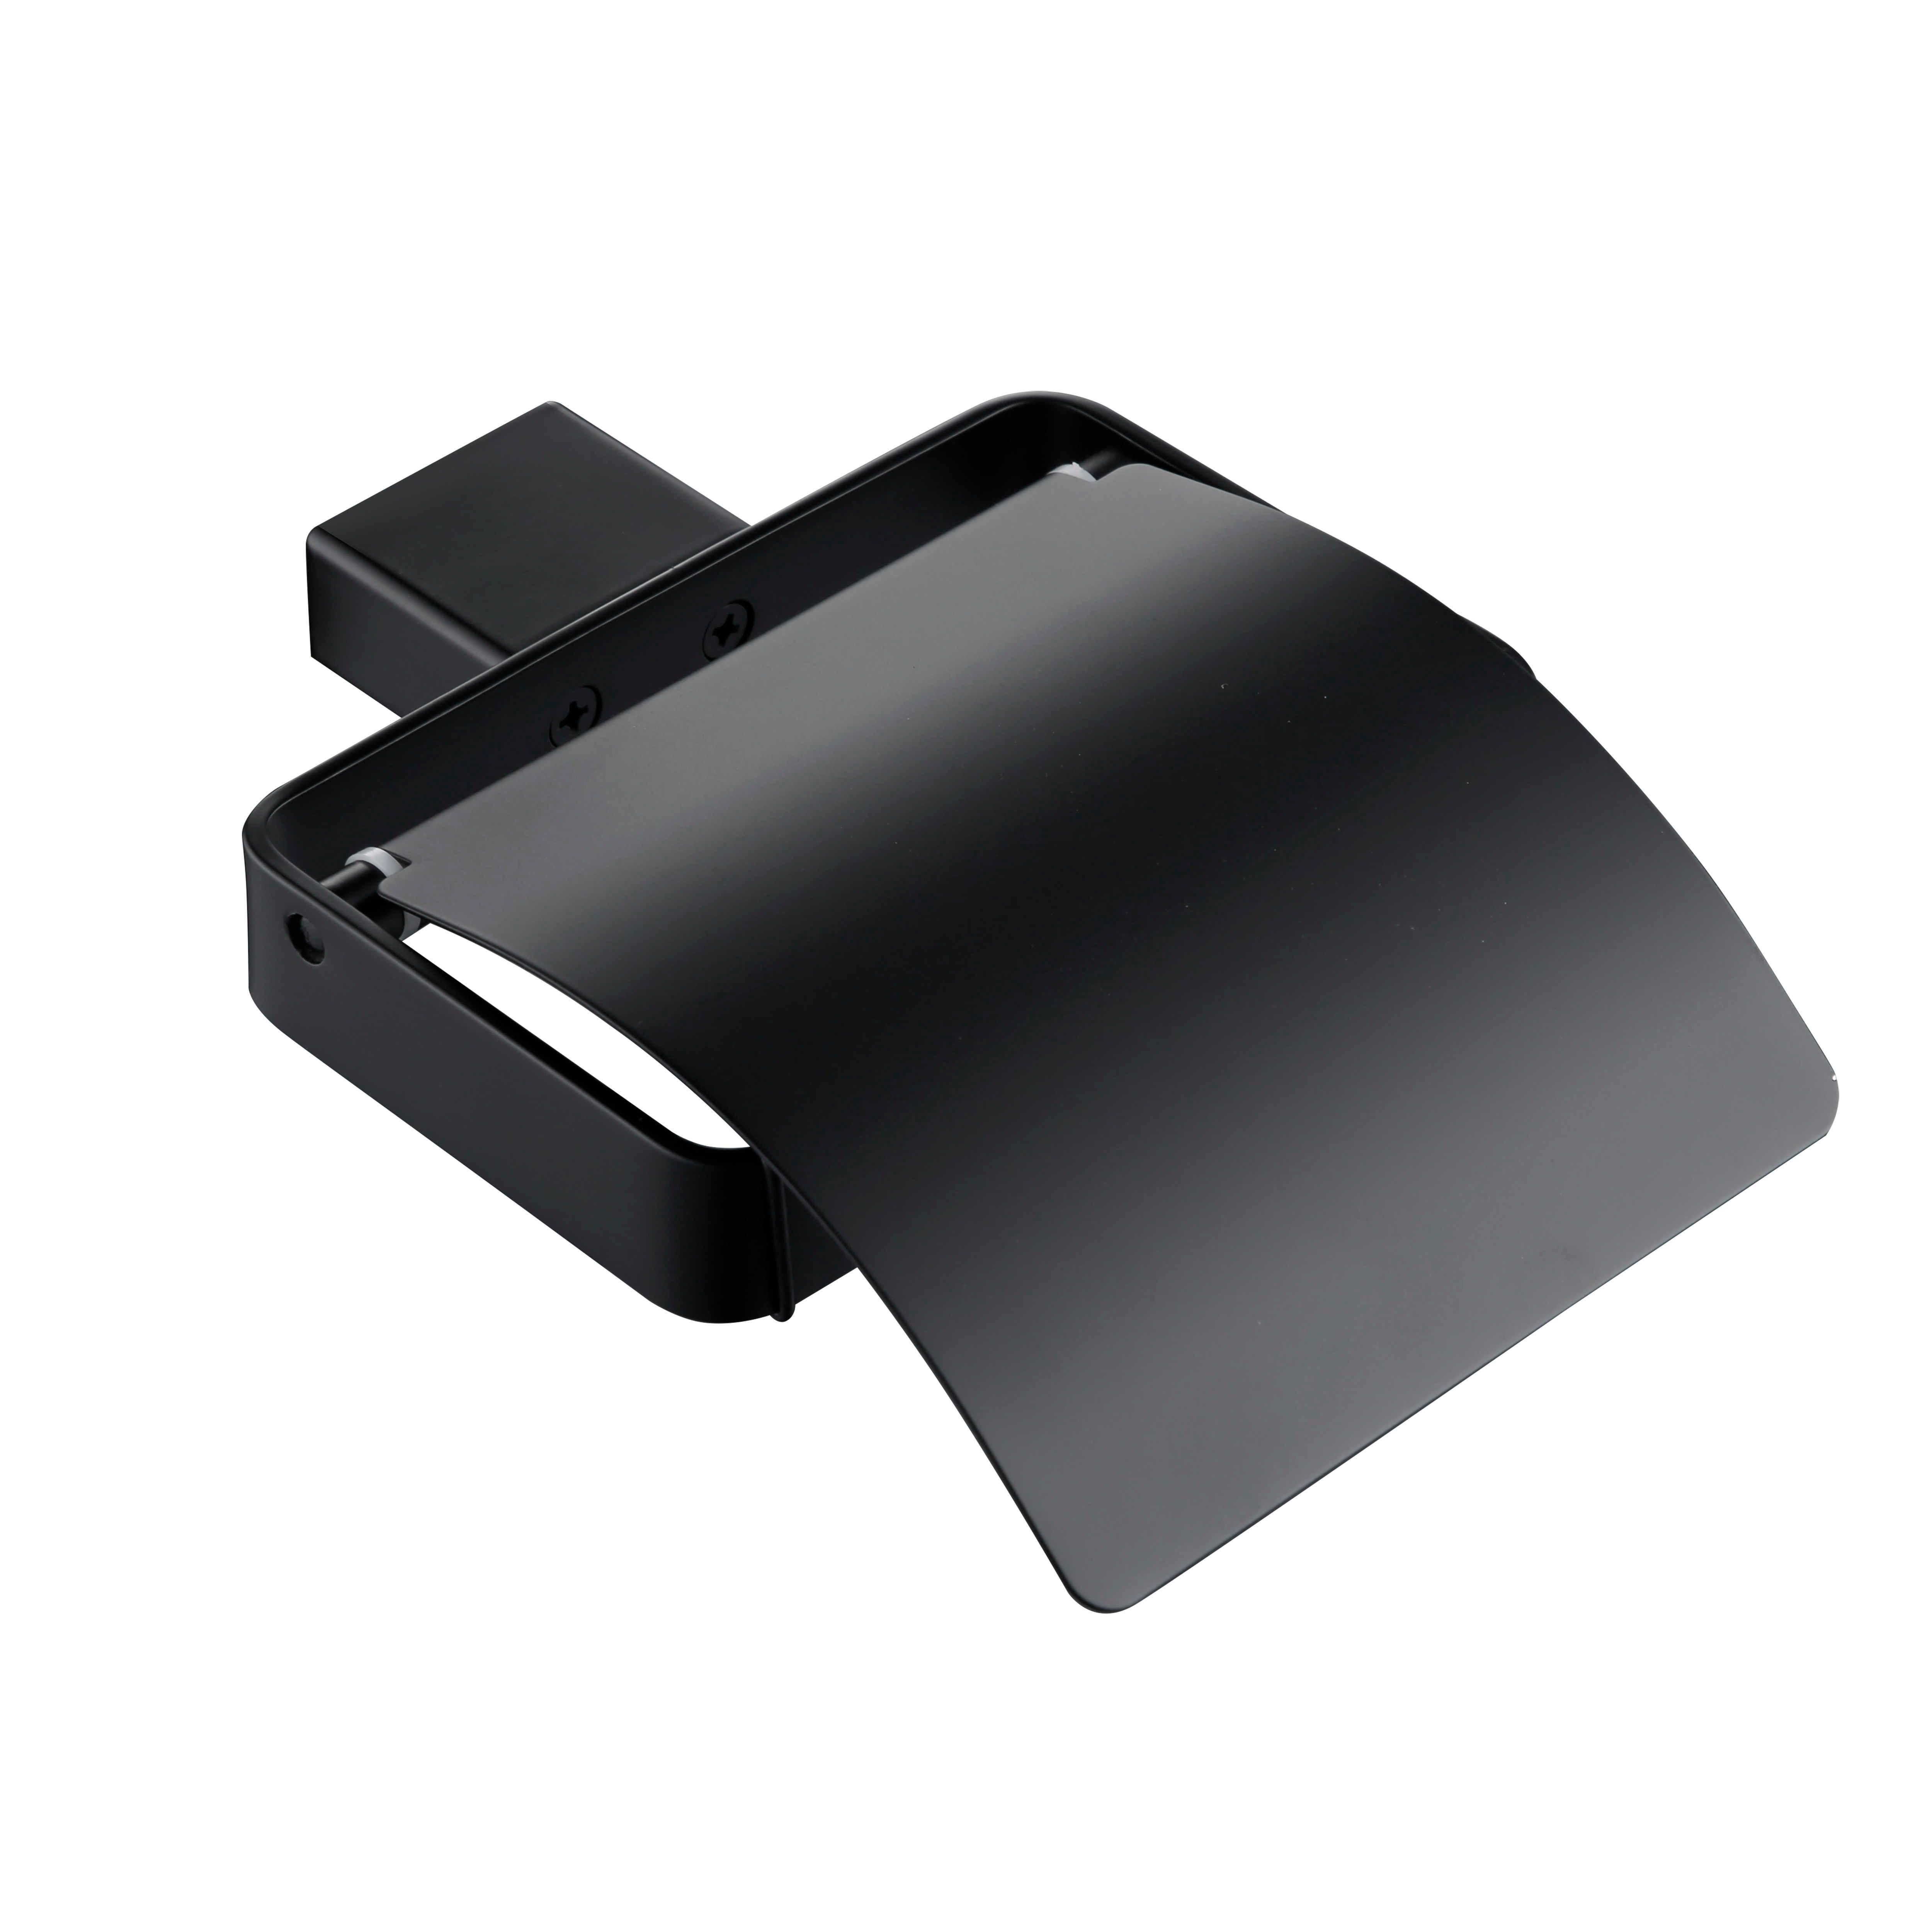 אביזרי אמבטיה חומרה להגדיר מט שחור SUS304 נירוסטה נייר מחזיק מברשת שיניים מחזיק מגבת בר רחצה מדפים